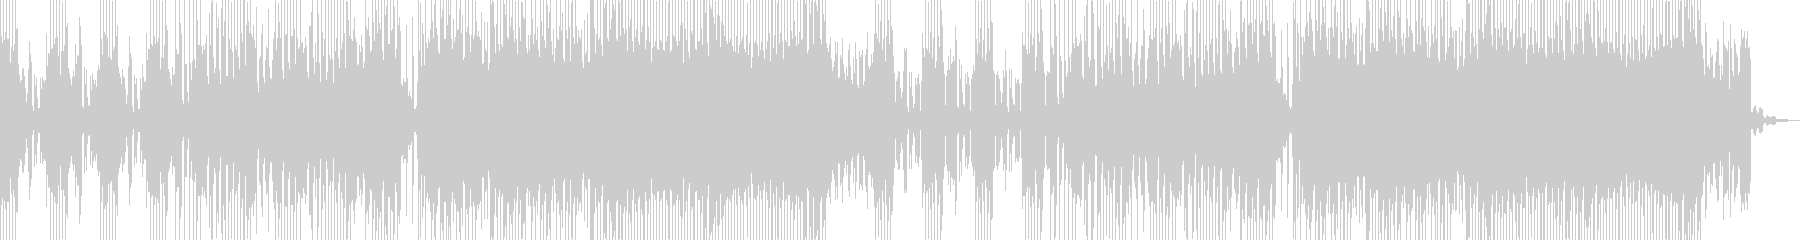 伝統とEDMの融合 三味線EDMの未再生の波形